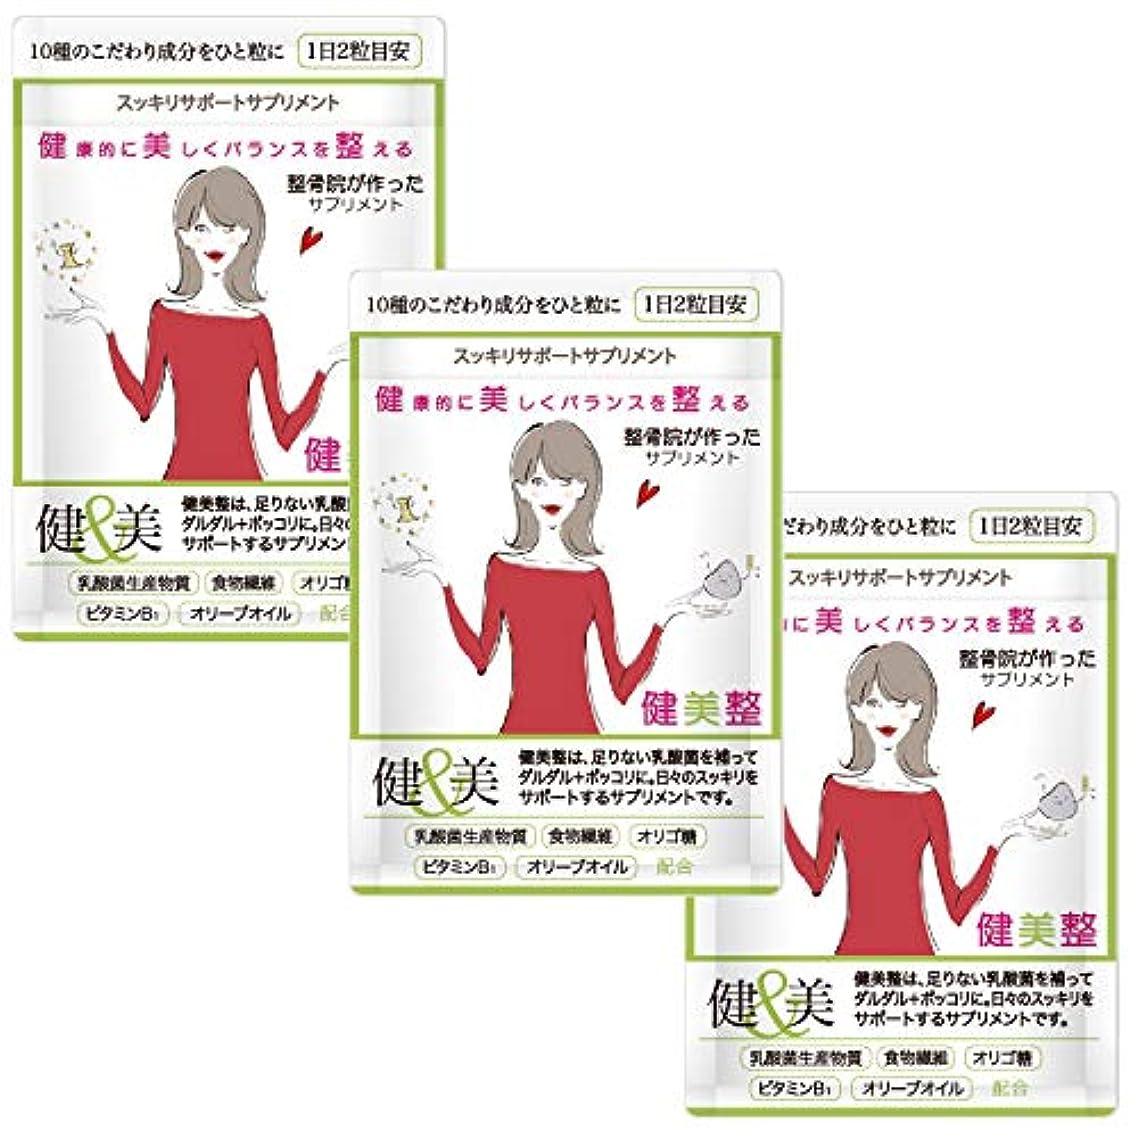 アンドリューハリディ抵抗するきつくダイエット サプリメント 人気 酵素 健美整プラス 腸内環境 炭 60粒1か月分 (3)